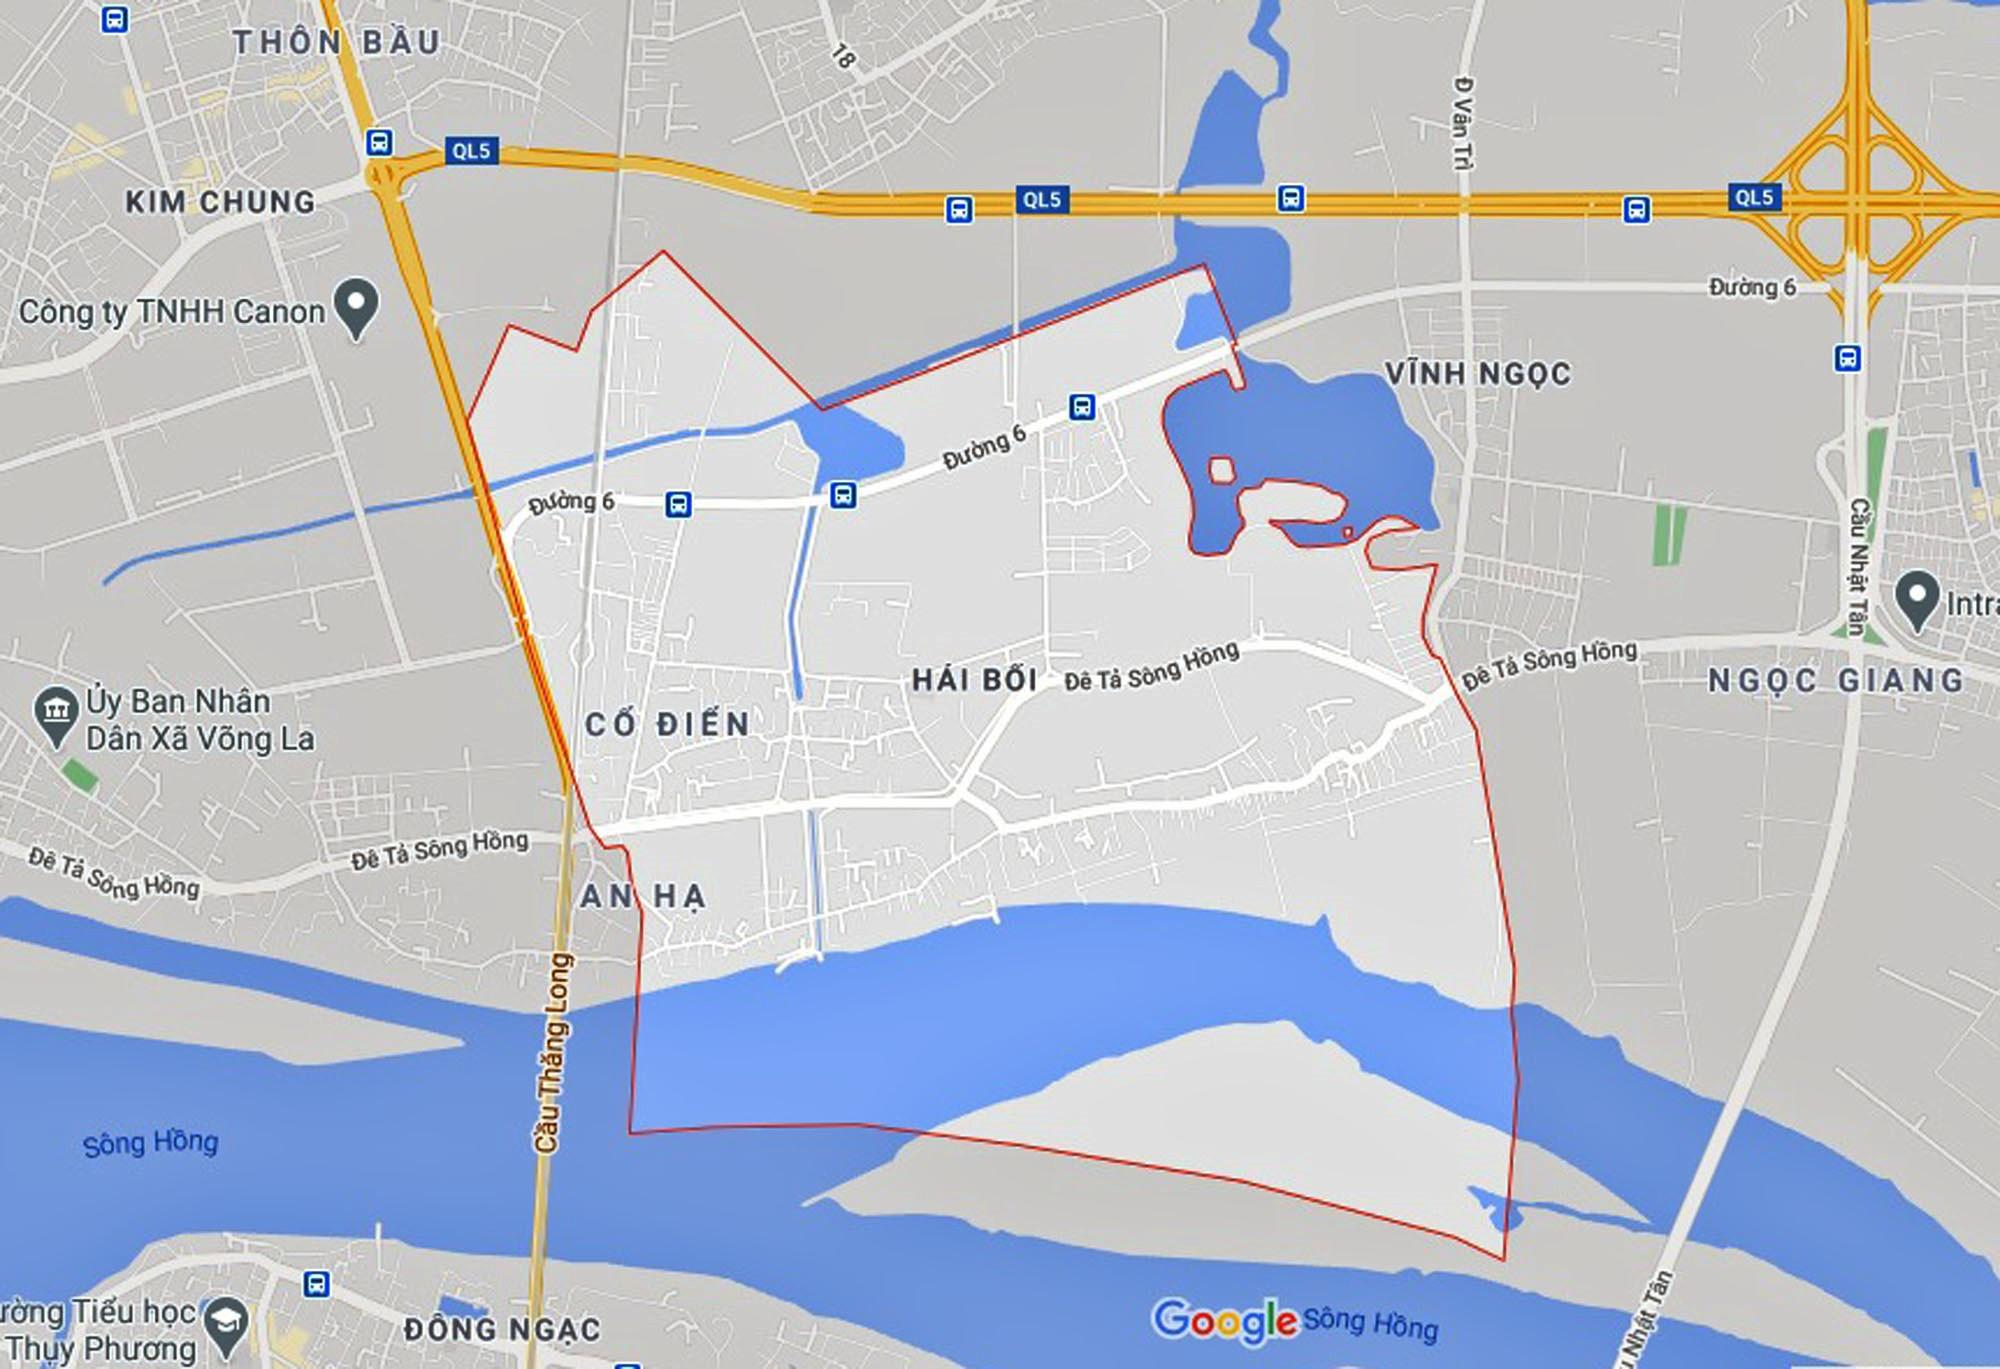 Đường sẽ mở theo quy hoạch ở xã Hải Bối, Đông Anh, Hà Nội (phần 4) - Ảnh 1.